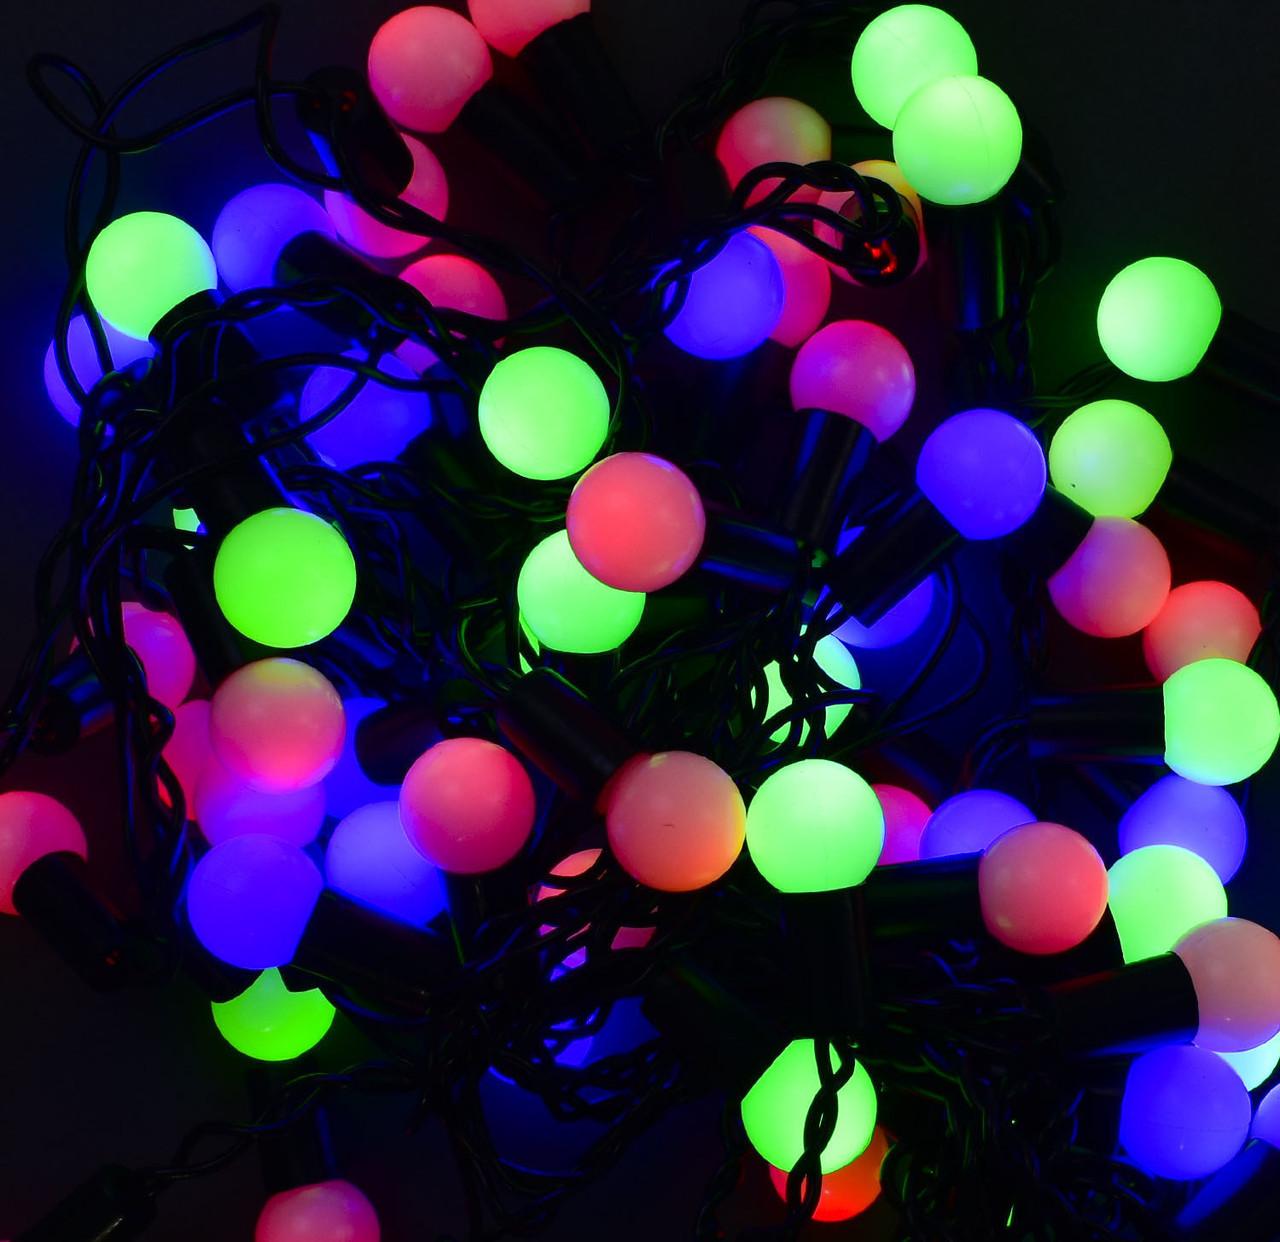 Гирлянда-штора светодиодная 60 лампочек, провод 3 метра, длина веток 70 см, мультиколор